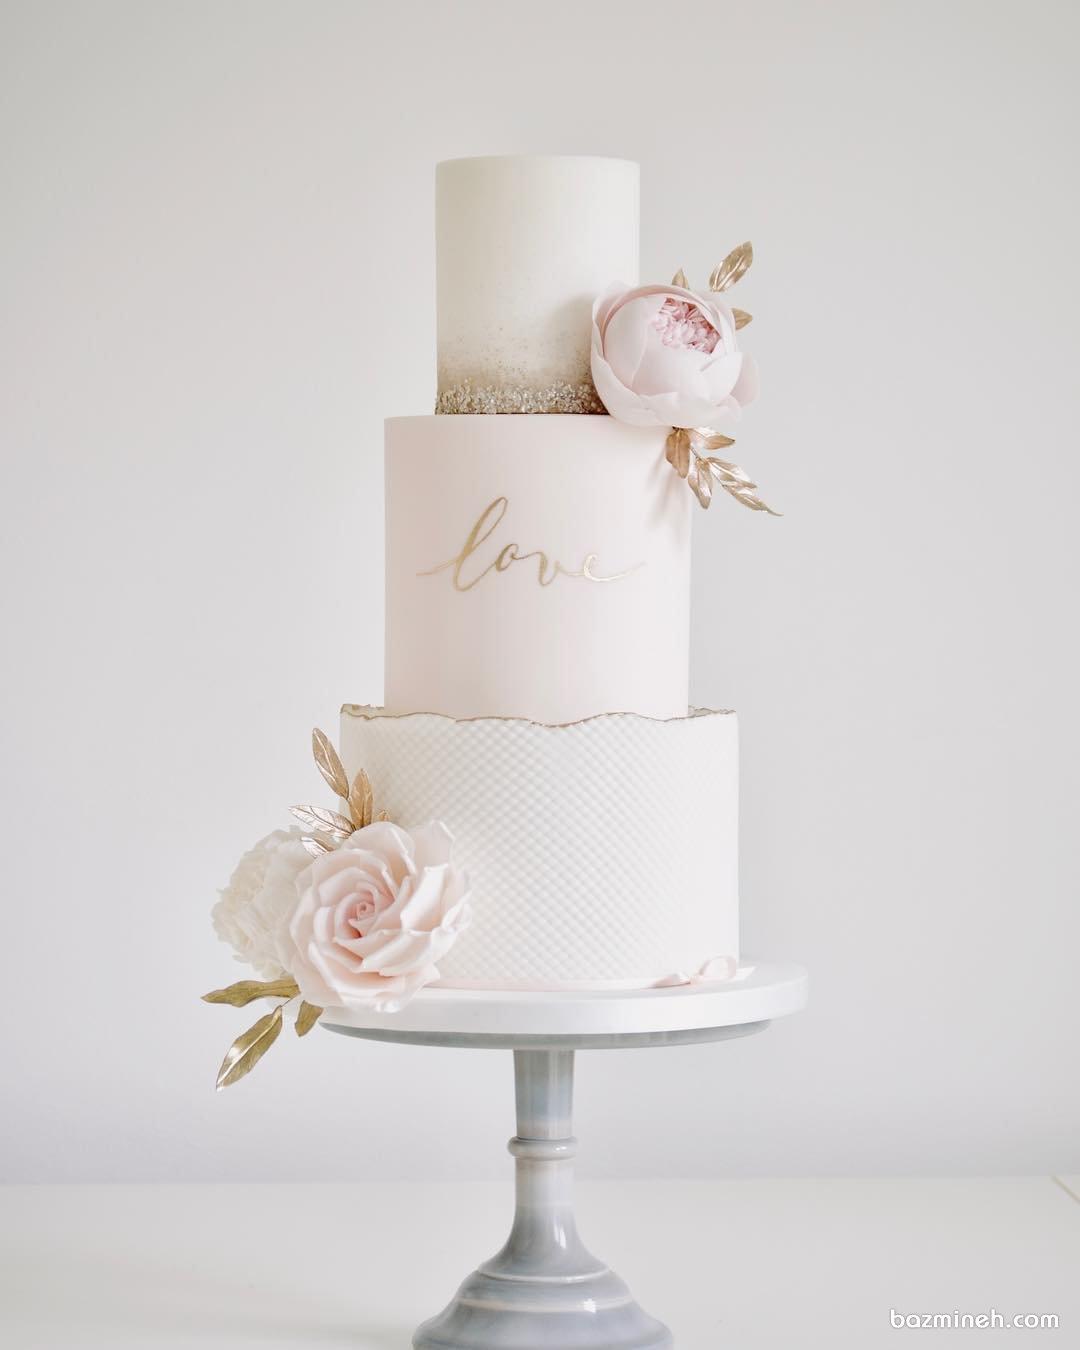 کیک چند طبقه زیبای جشن نامزدی یا سالگرد ازدواج با تم سفید صورتی طلایی